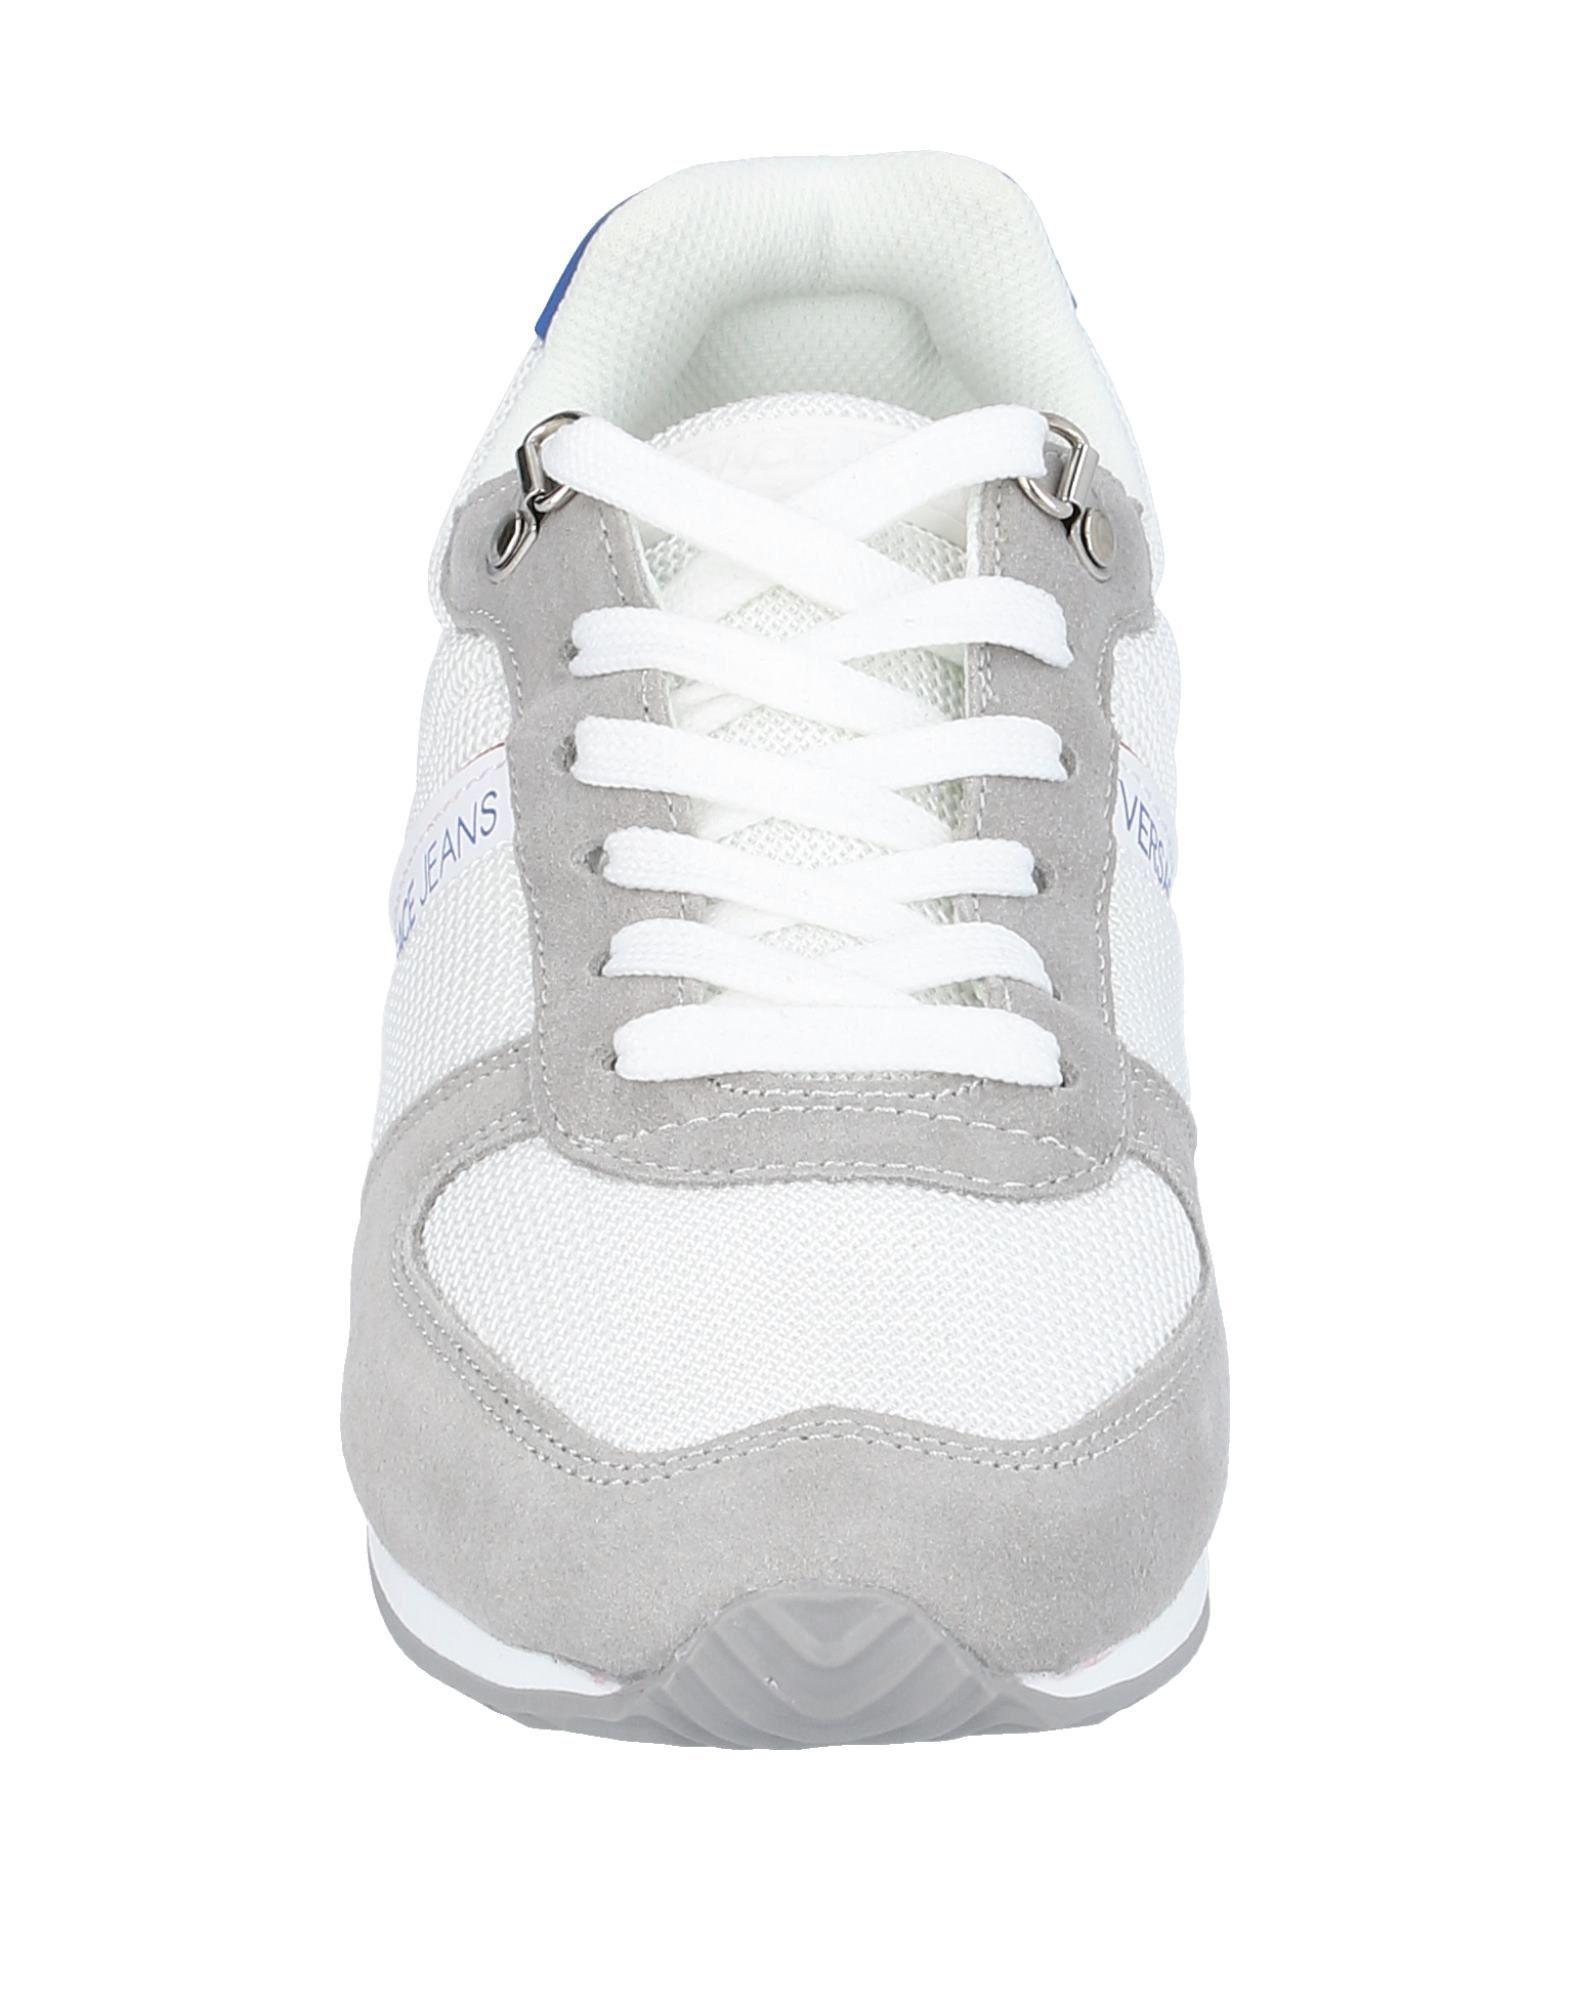 Sneakers & Tennis basses Daim Versace pour homme en coloris Gris lVzM